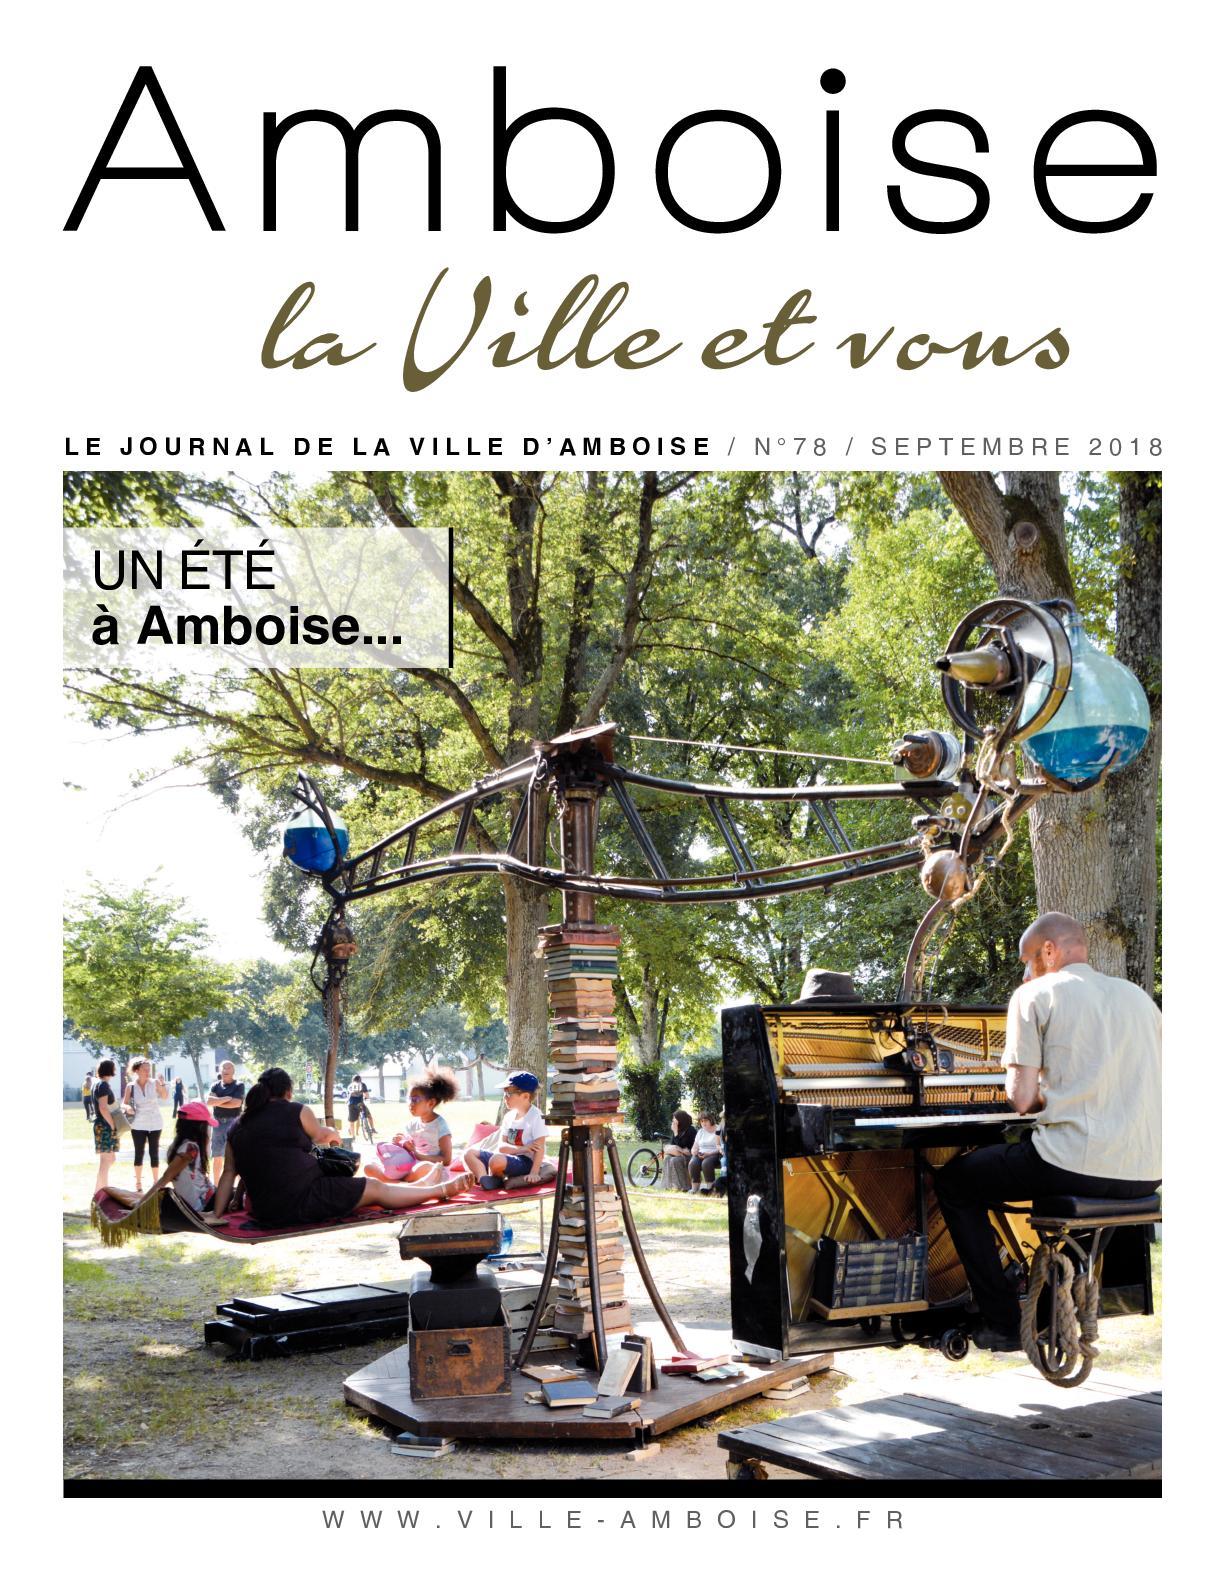 Calaméo La Et Vous Magazine N°78 Amboise Ville l3FuK1TJc